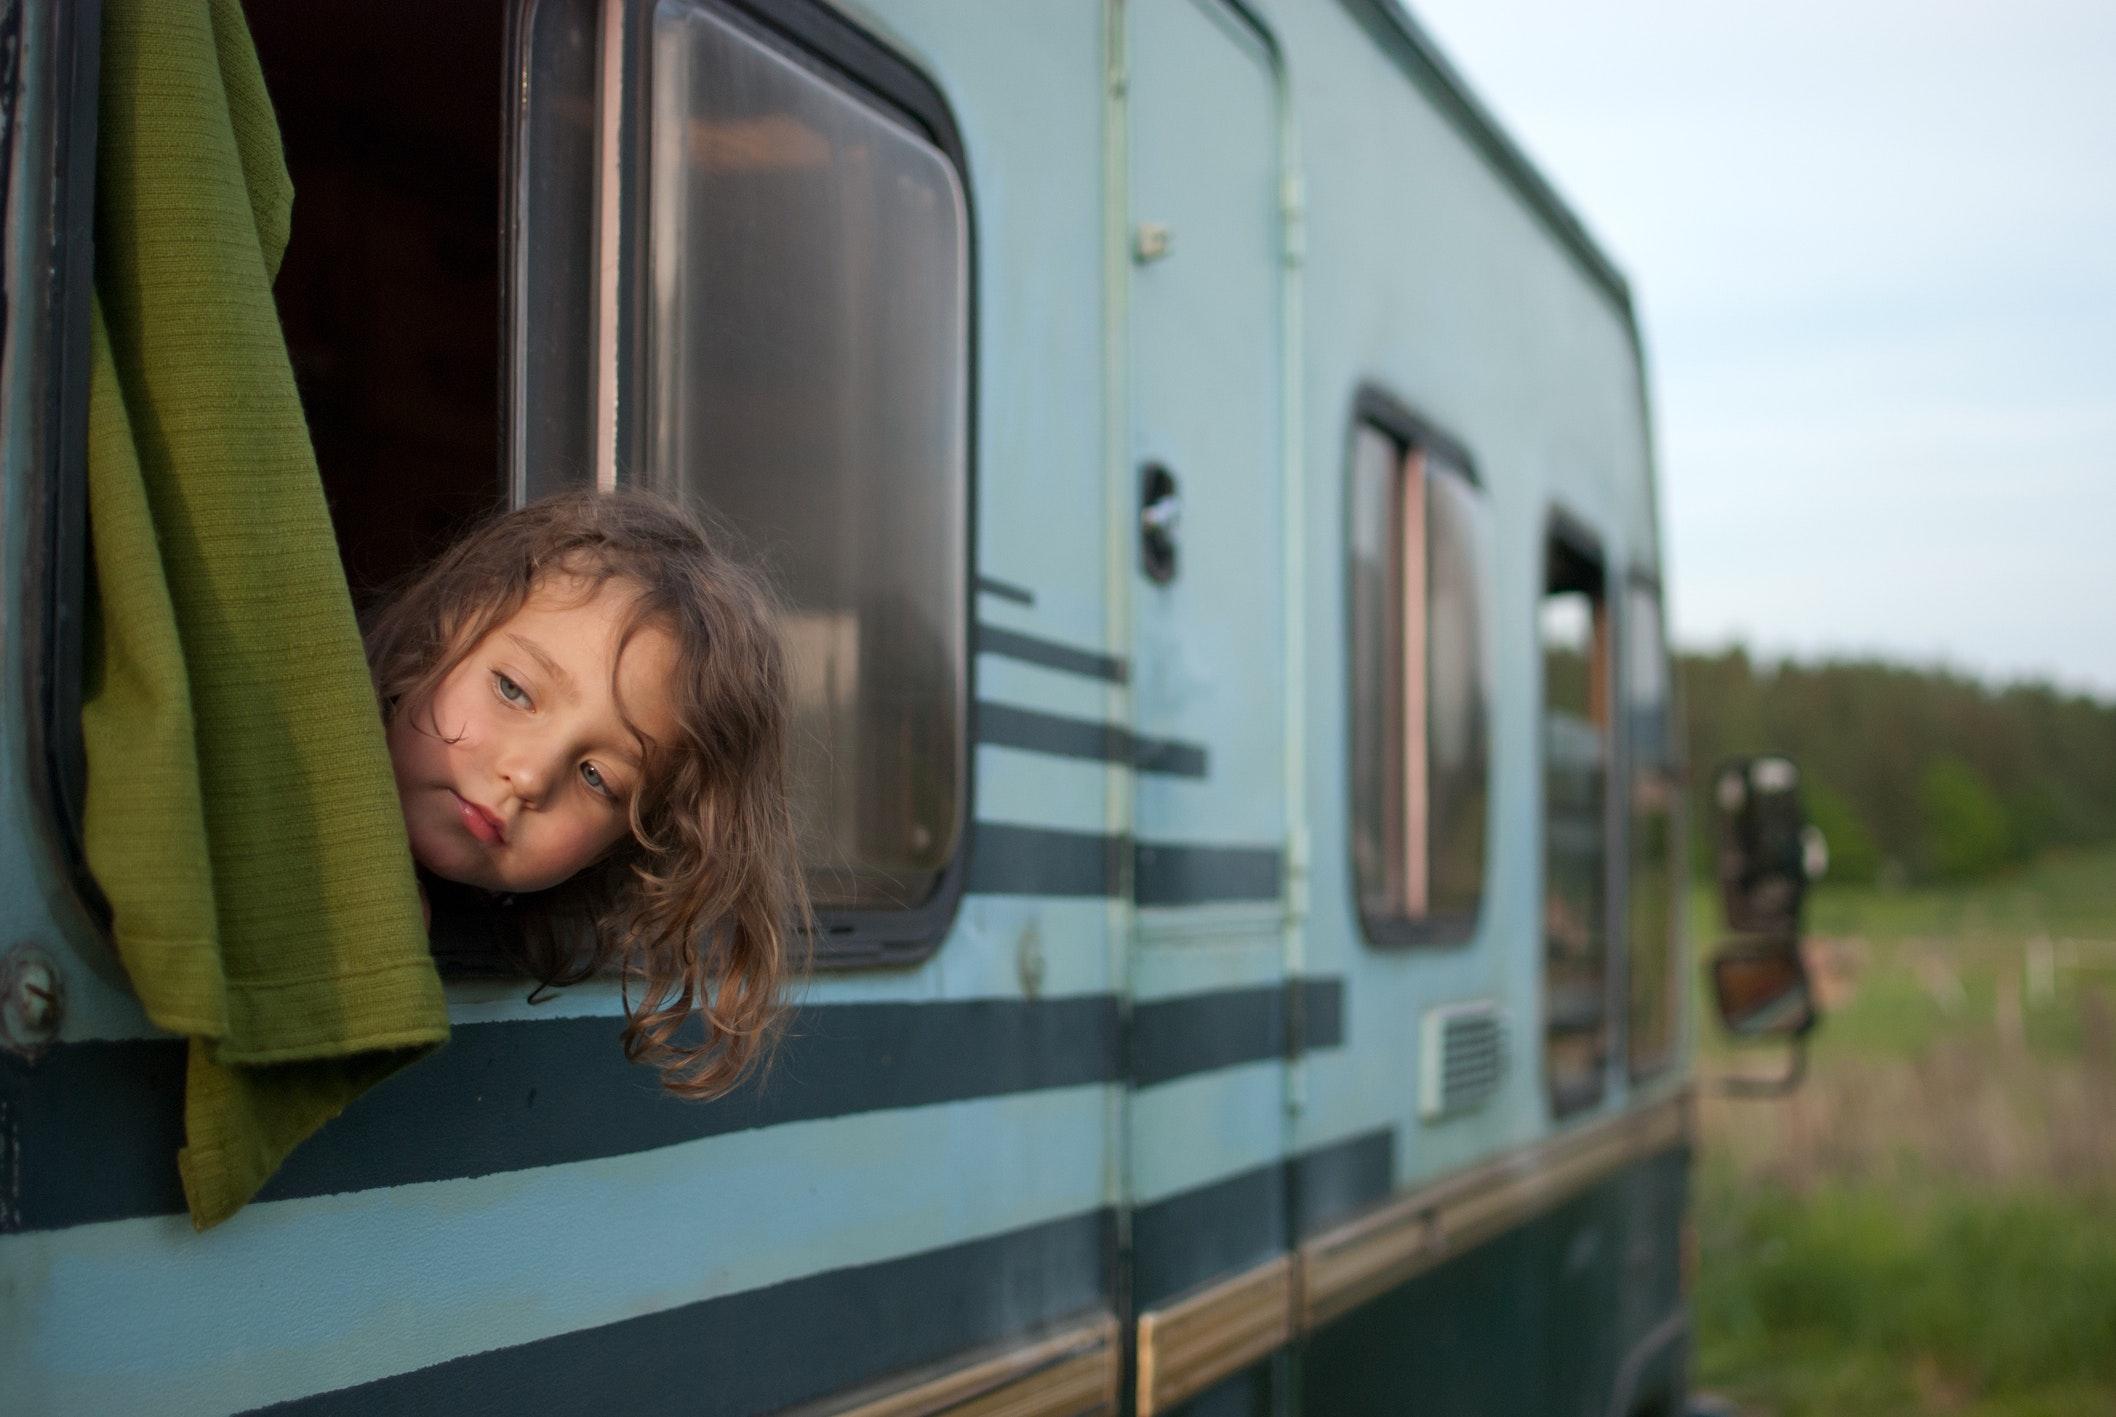 Vacances en famille : on se laisse tenter par le   camping-car !